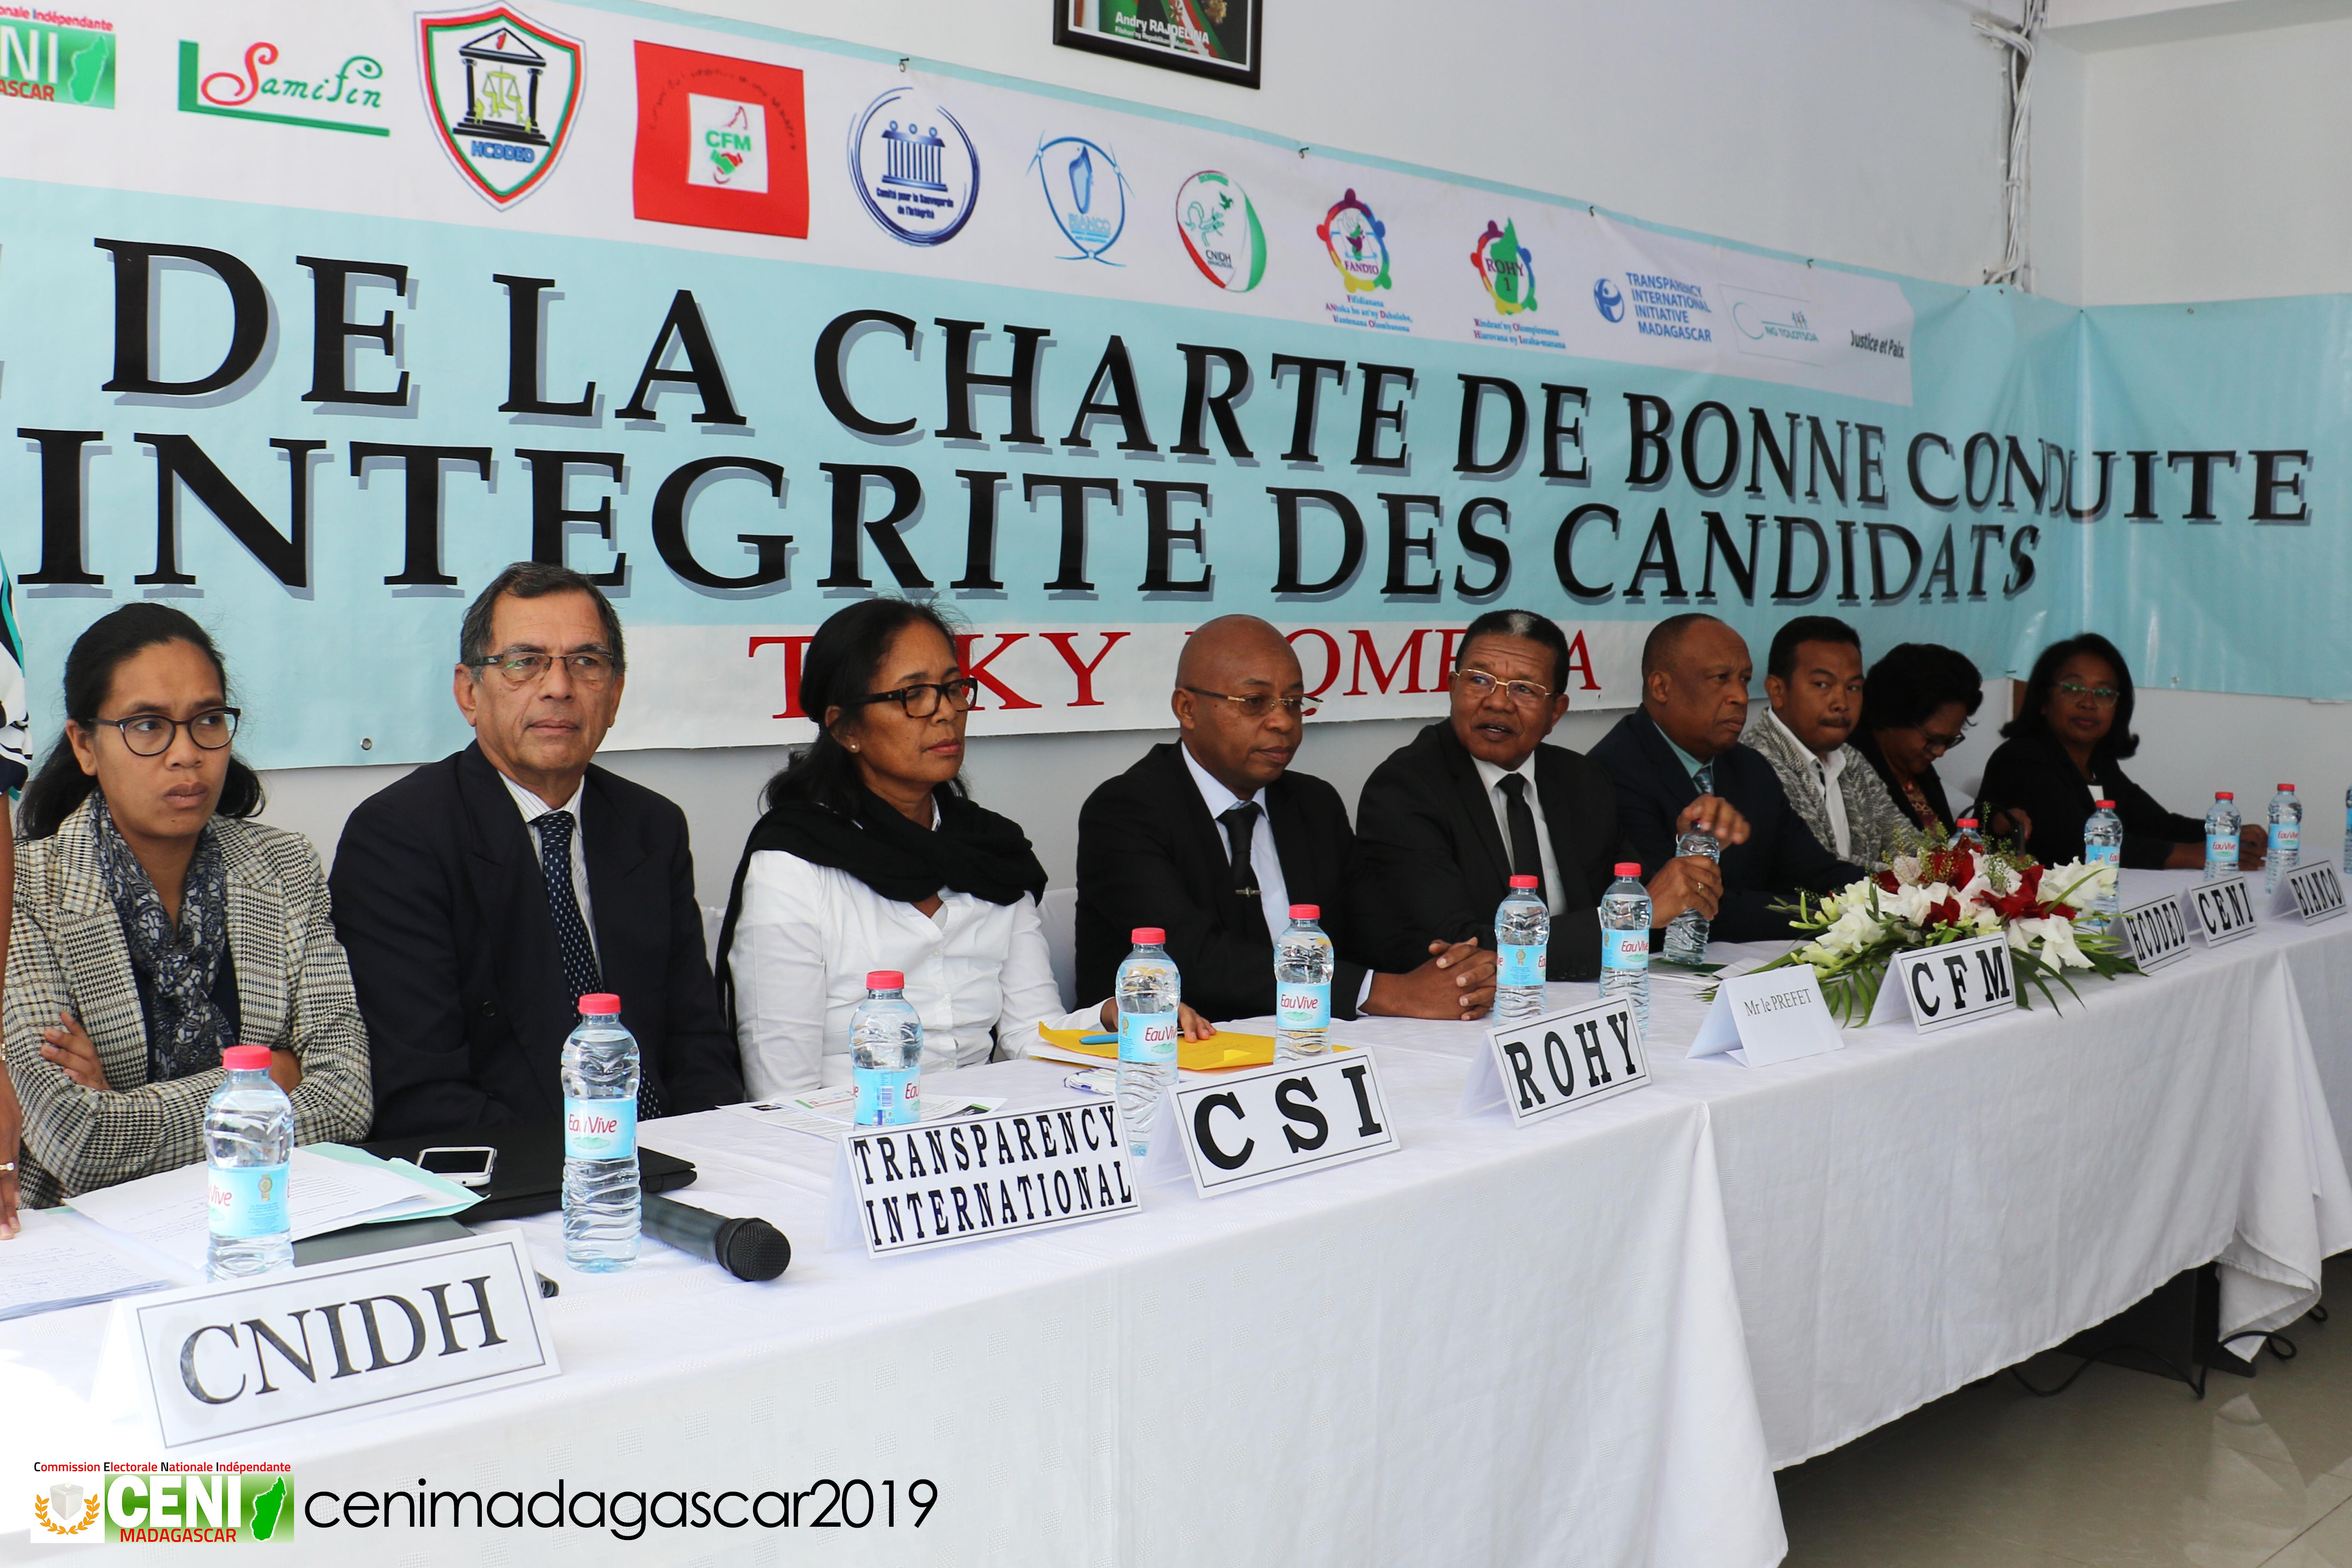 Signature de «Toky nomena», charte de bonne conduite des candidats aux élections législatives